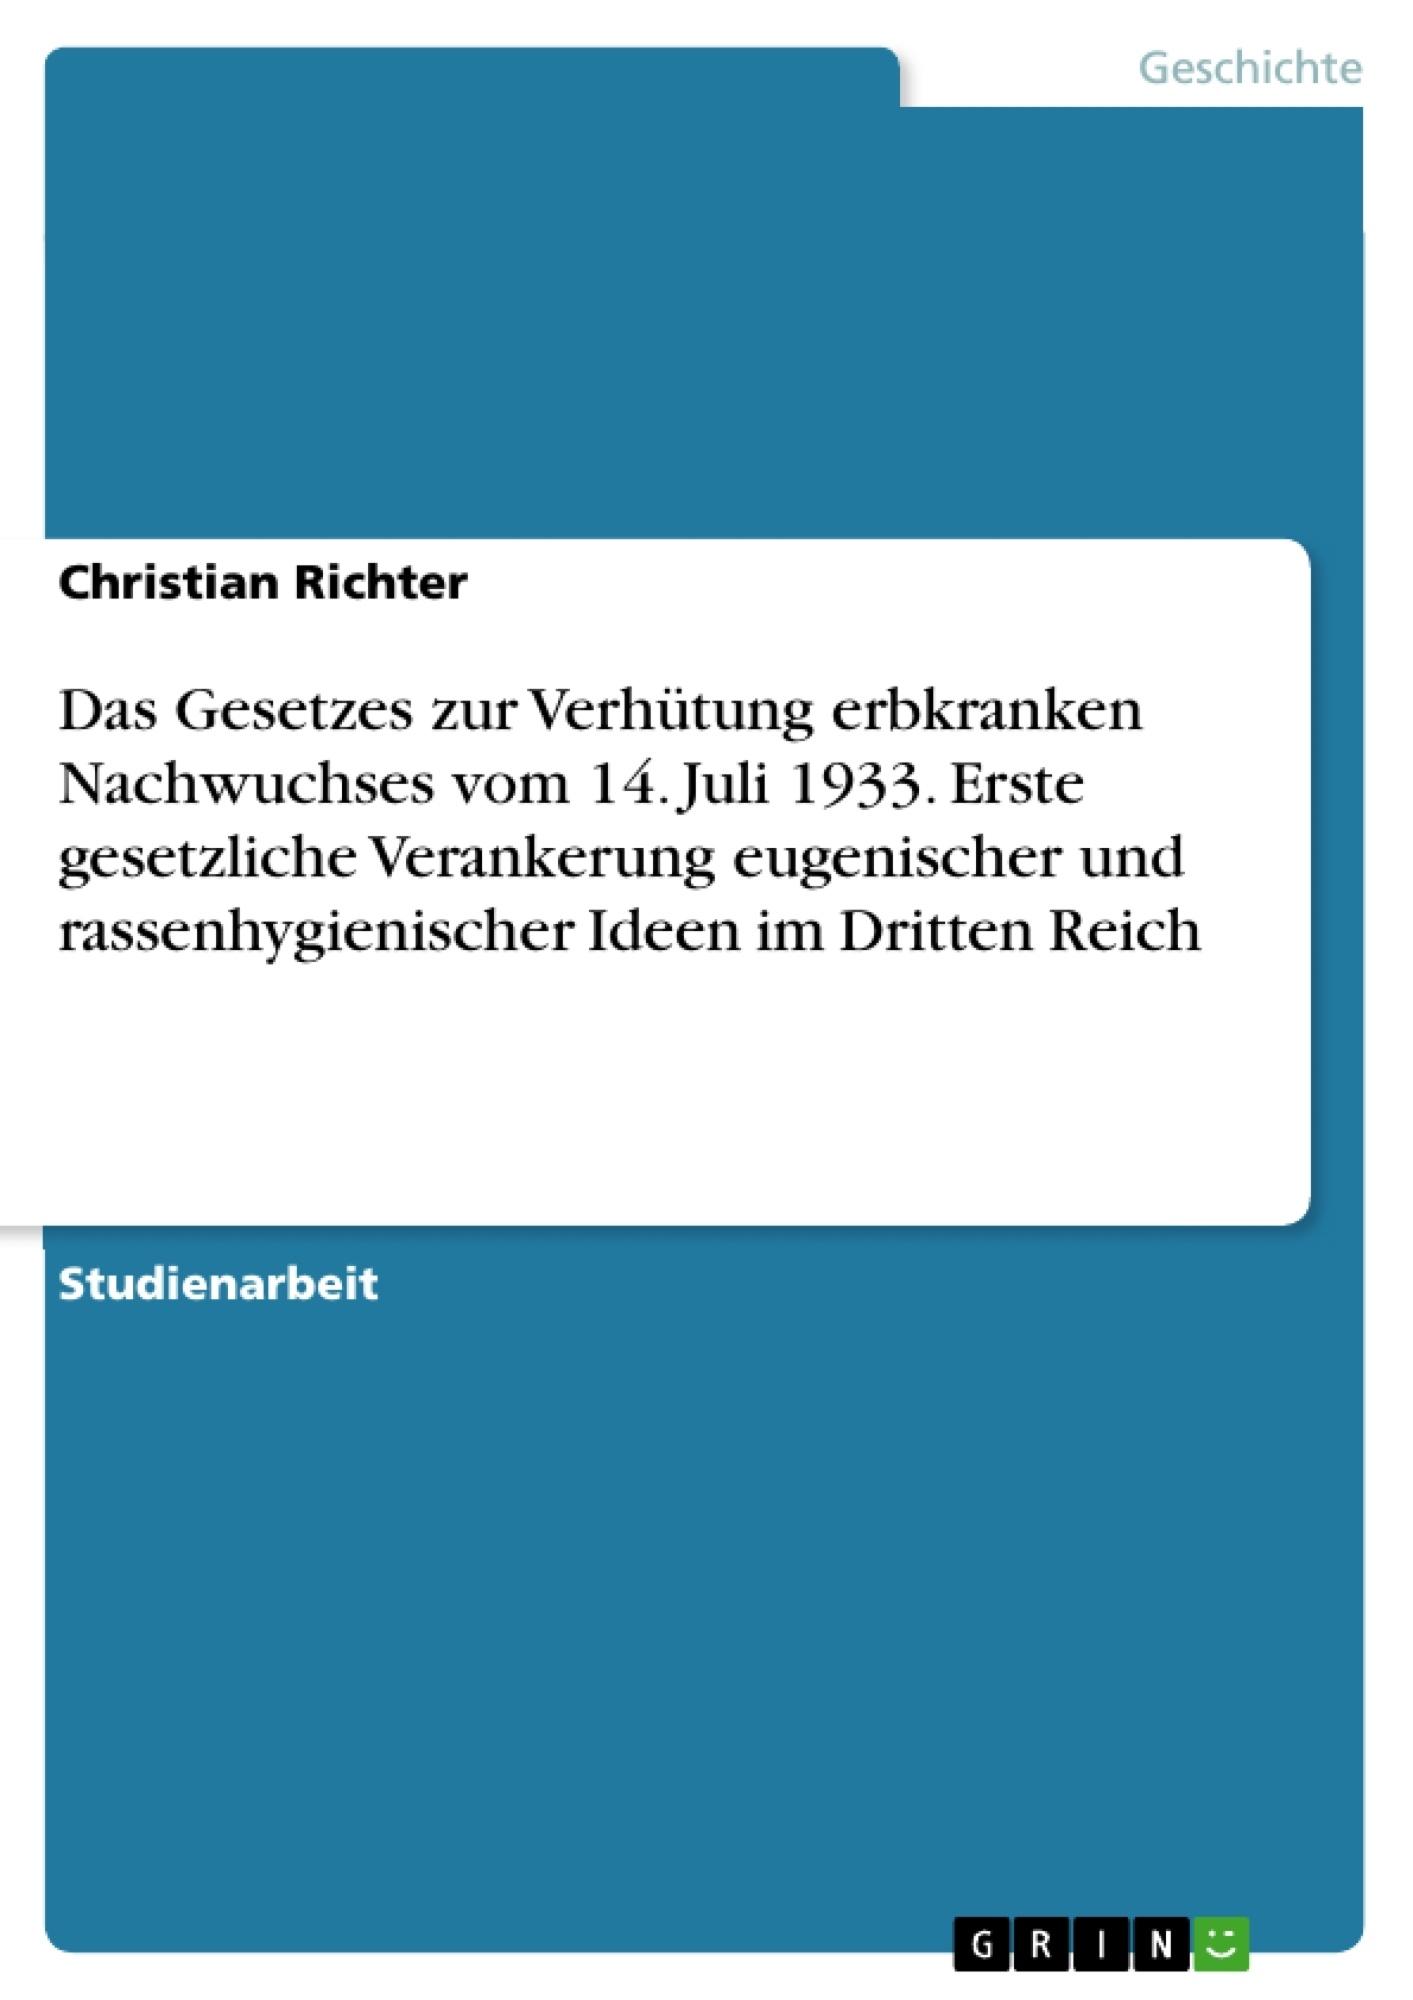 Titel: Das Gesetzes zur Verhütung erbkranken Nachwuchses vom 14. Juli 1933. Erste gesetzliche Verankerung eugenischer und rassenhygienischer Ideen im Dritten Reich